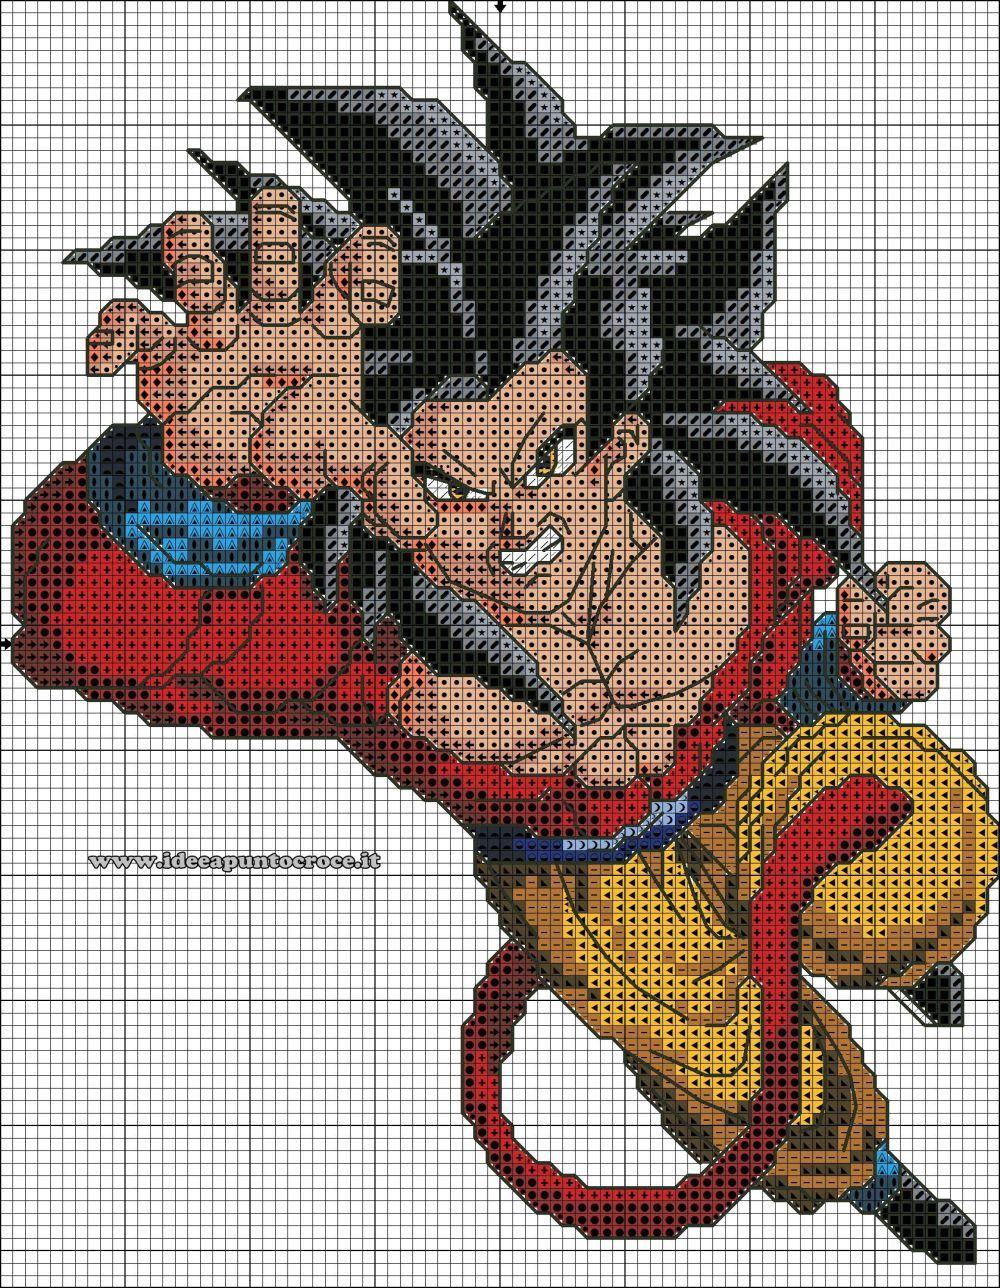 Son Goku Dragon Ball Perler Beads By Pjurst Bugelperlen